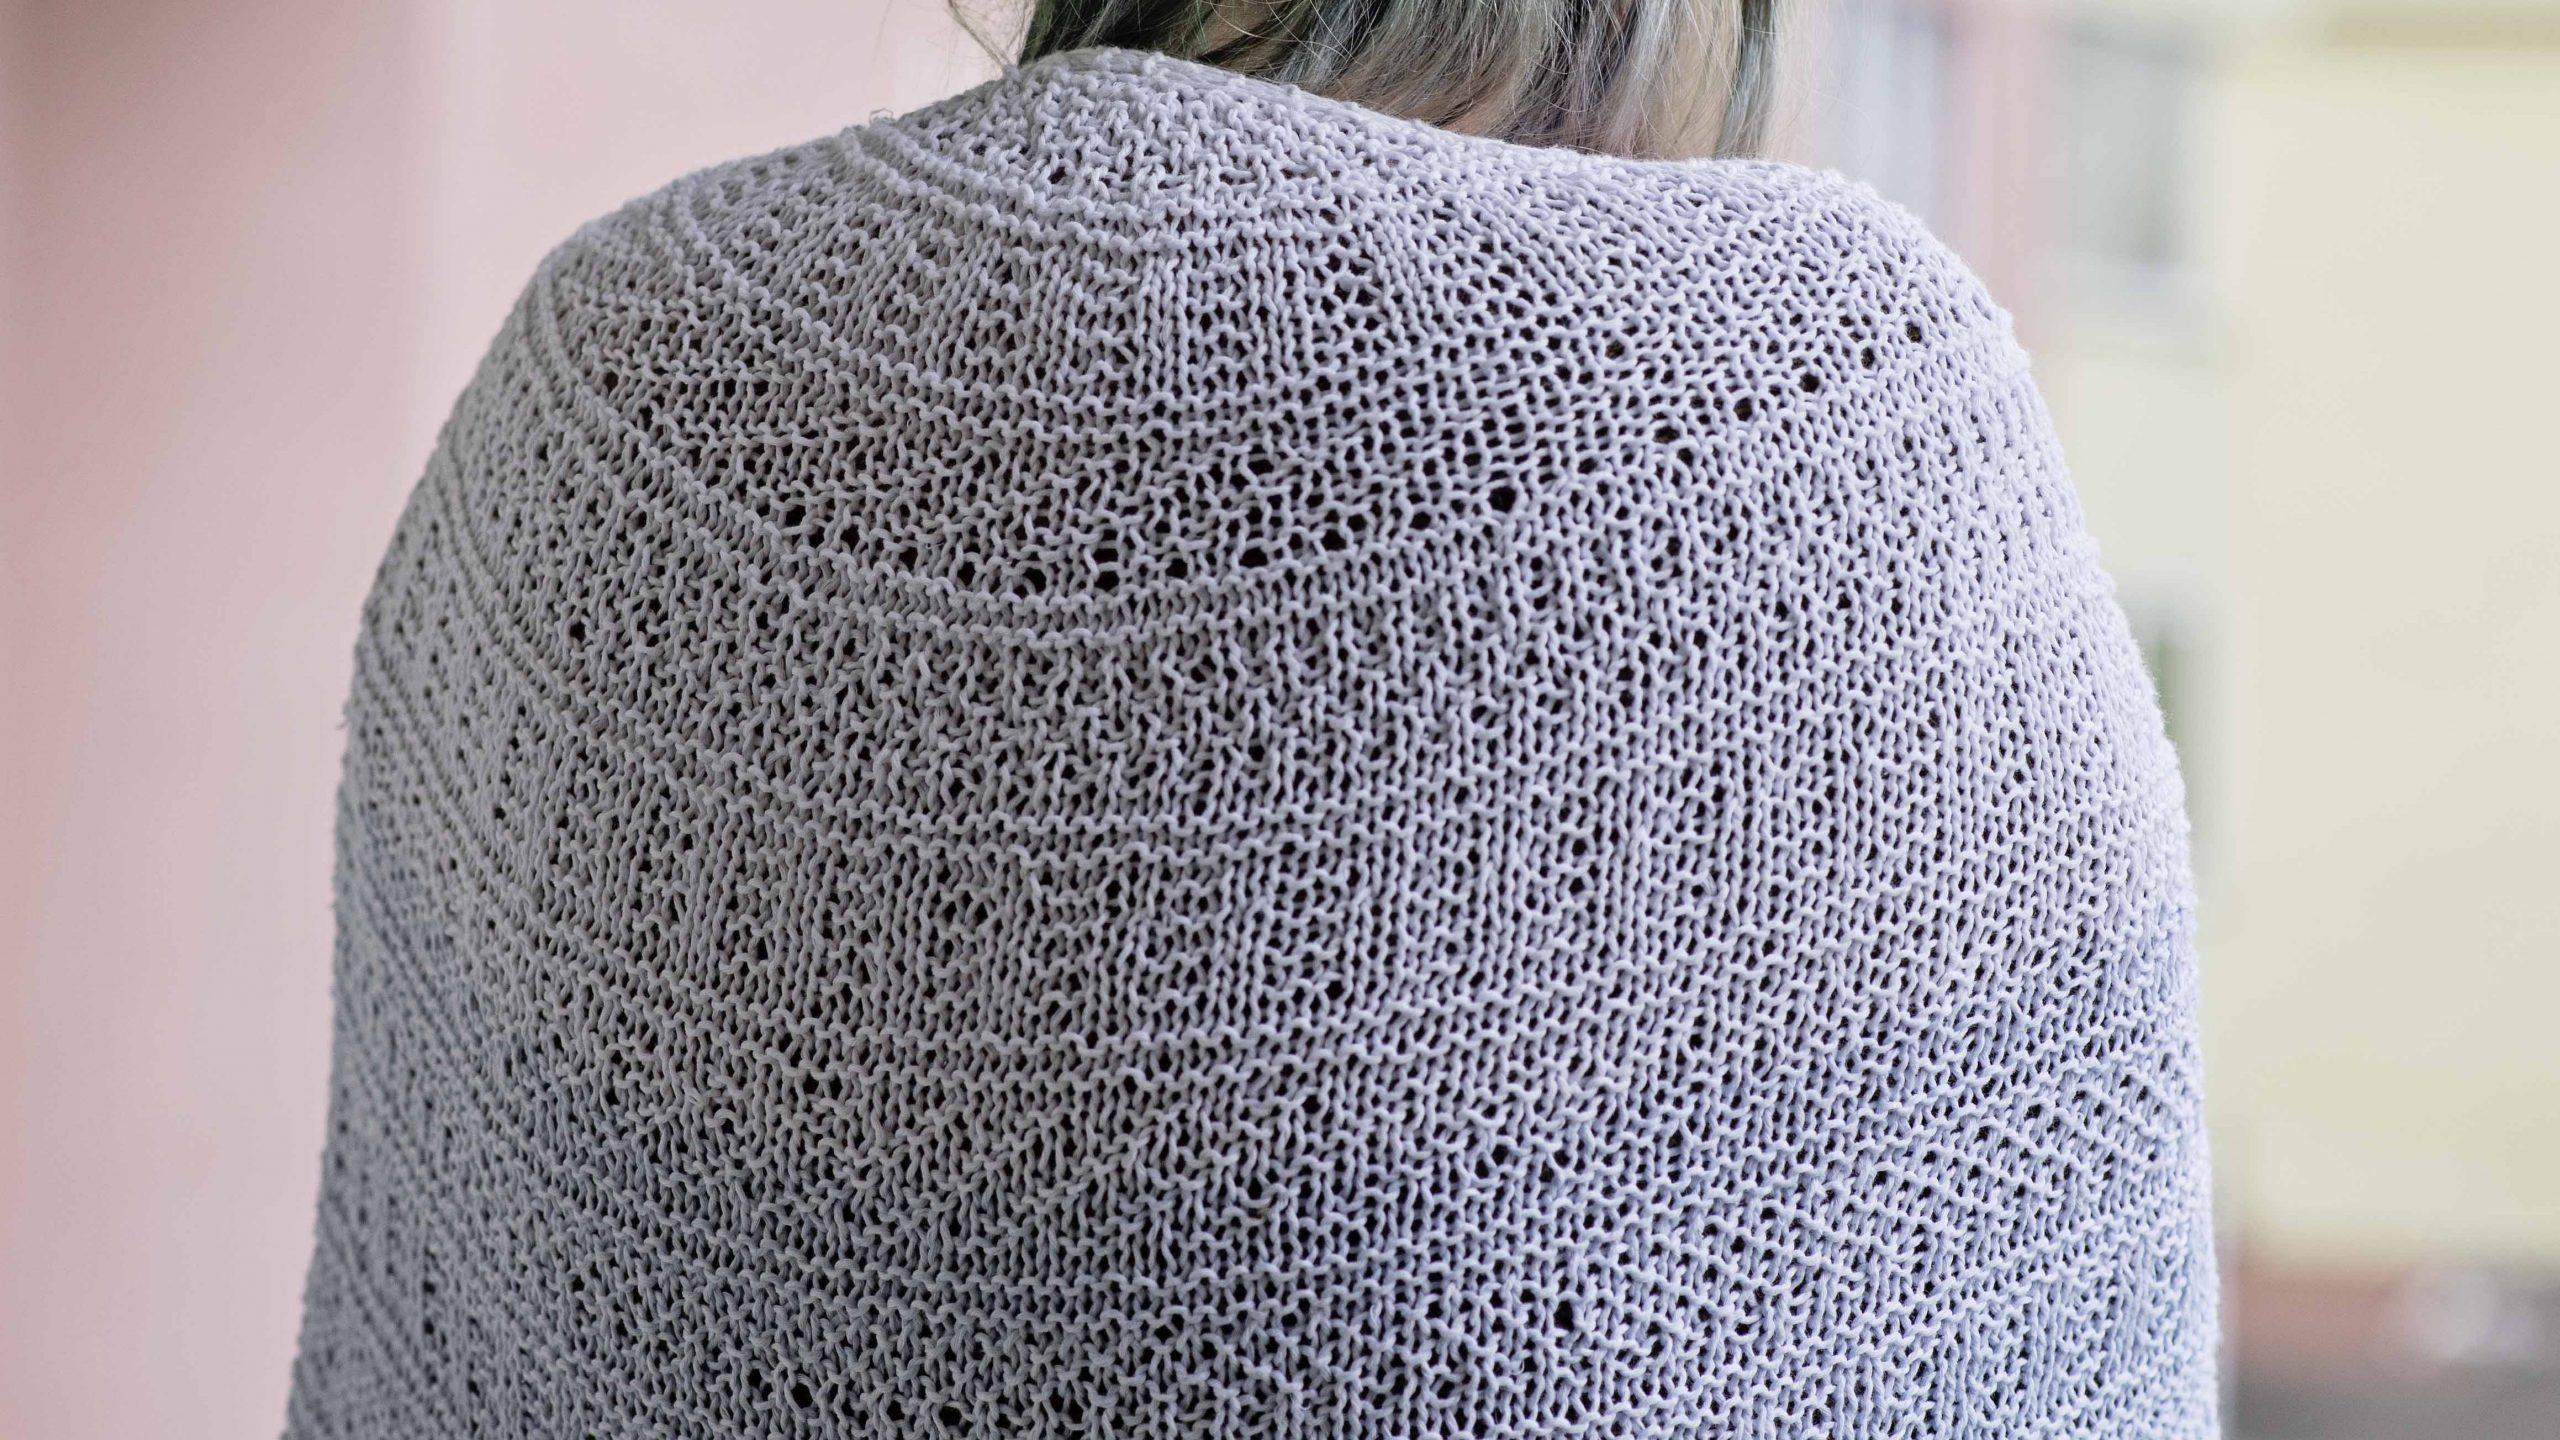 Finished object: Dustland shawl – Stephen West